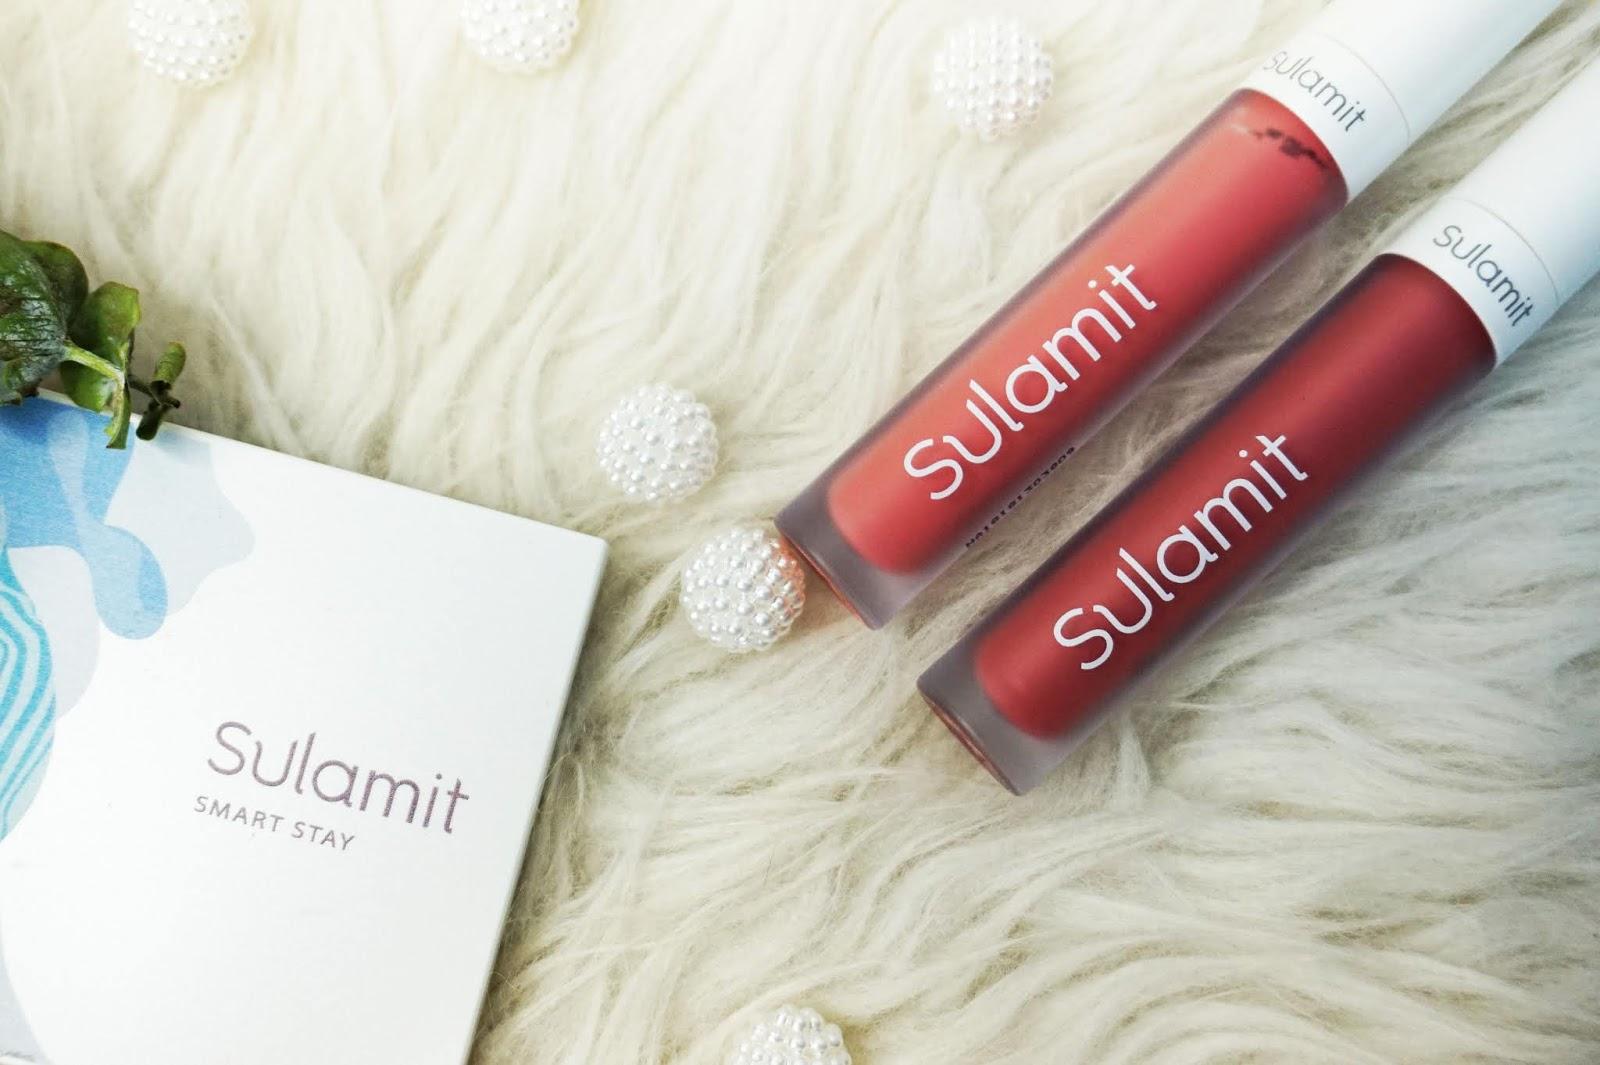 Sulamit Smart Stay Matte Finish Lip Paint Stay Bright